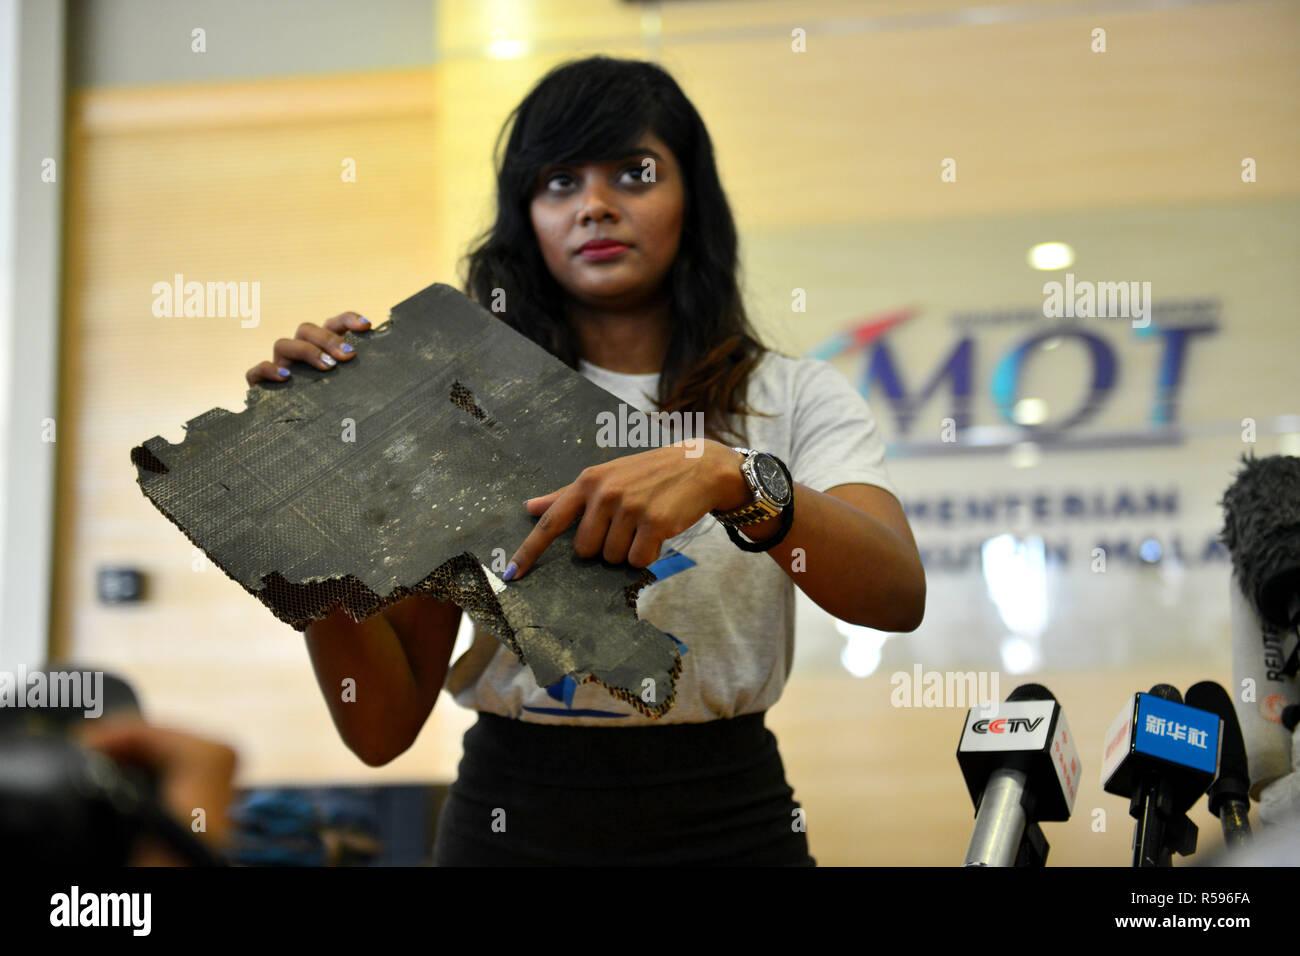 """En Putrajaya, Malasia. El 30 de noviembre de 2018. Un miembro de la familia del MH370 pasajero visualiza un pedazo de posibles residuos de los desaparecidos MH370 en Putrajaya, Malasia, el 30 de noviembre de 2018. El Ministro de Transporte de Malasia Anthony Loke Siew Fook, indicó el viernes que el gobierno estaba dispuesto a reanudar la búsqueda de Malaysia Airlines MH370 pero que requiere """"nuevas pruebas creíbles."""" MH370 239, llevando a bordo, desaparecieron en ruta desde Kuala Lumpur a Beijing el 8 de marzo de 2014. Sus principales restos aún no se ha encontrado. (Xinhua/Chong Voon Chung) Crédito: Xinhua/Alamy Live News Imagen De Stock"""